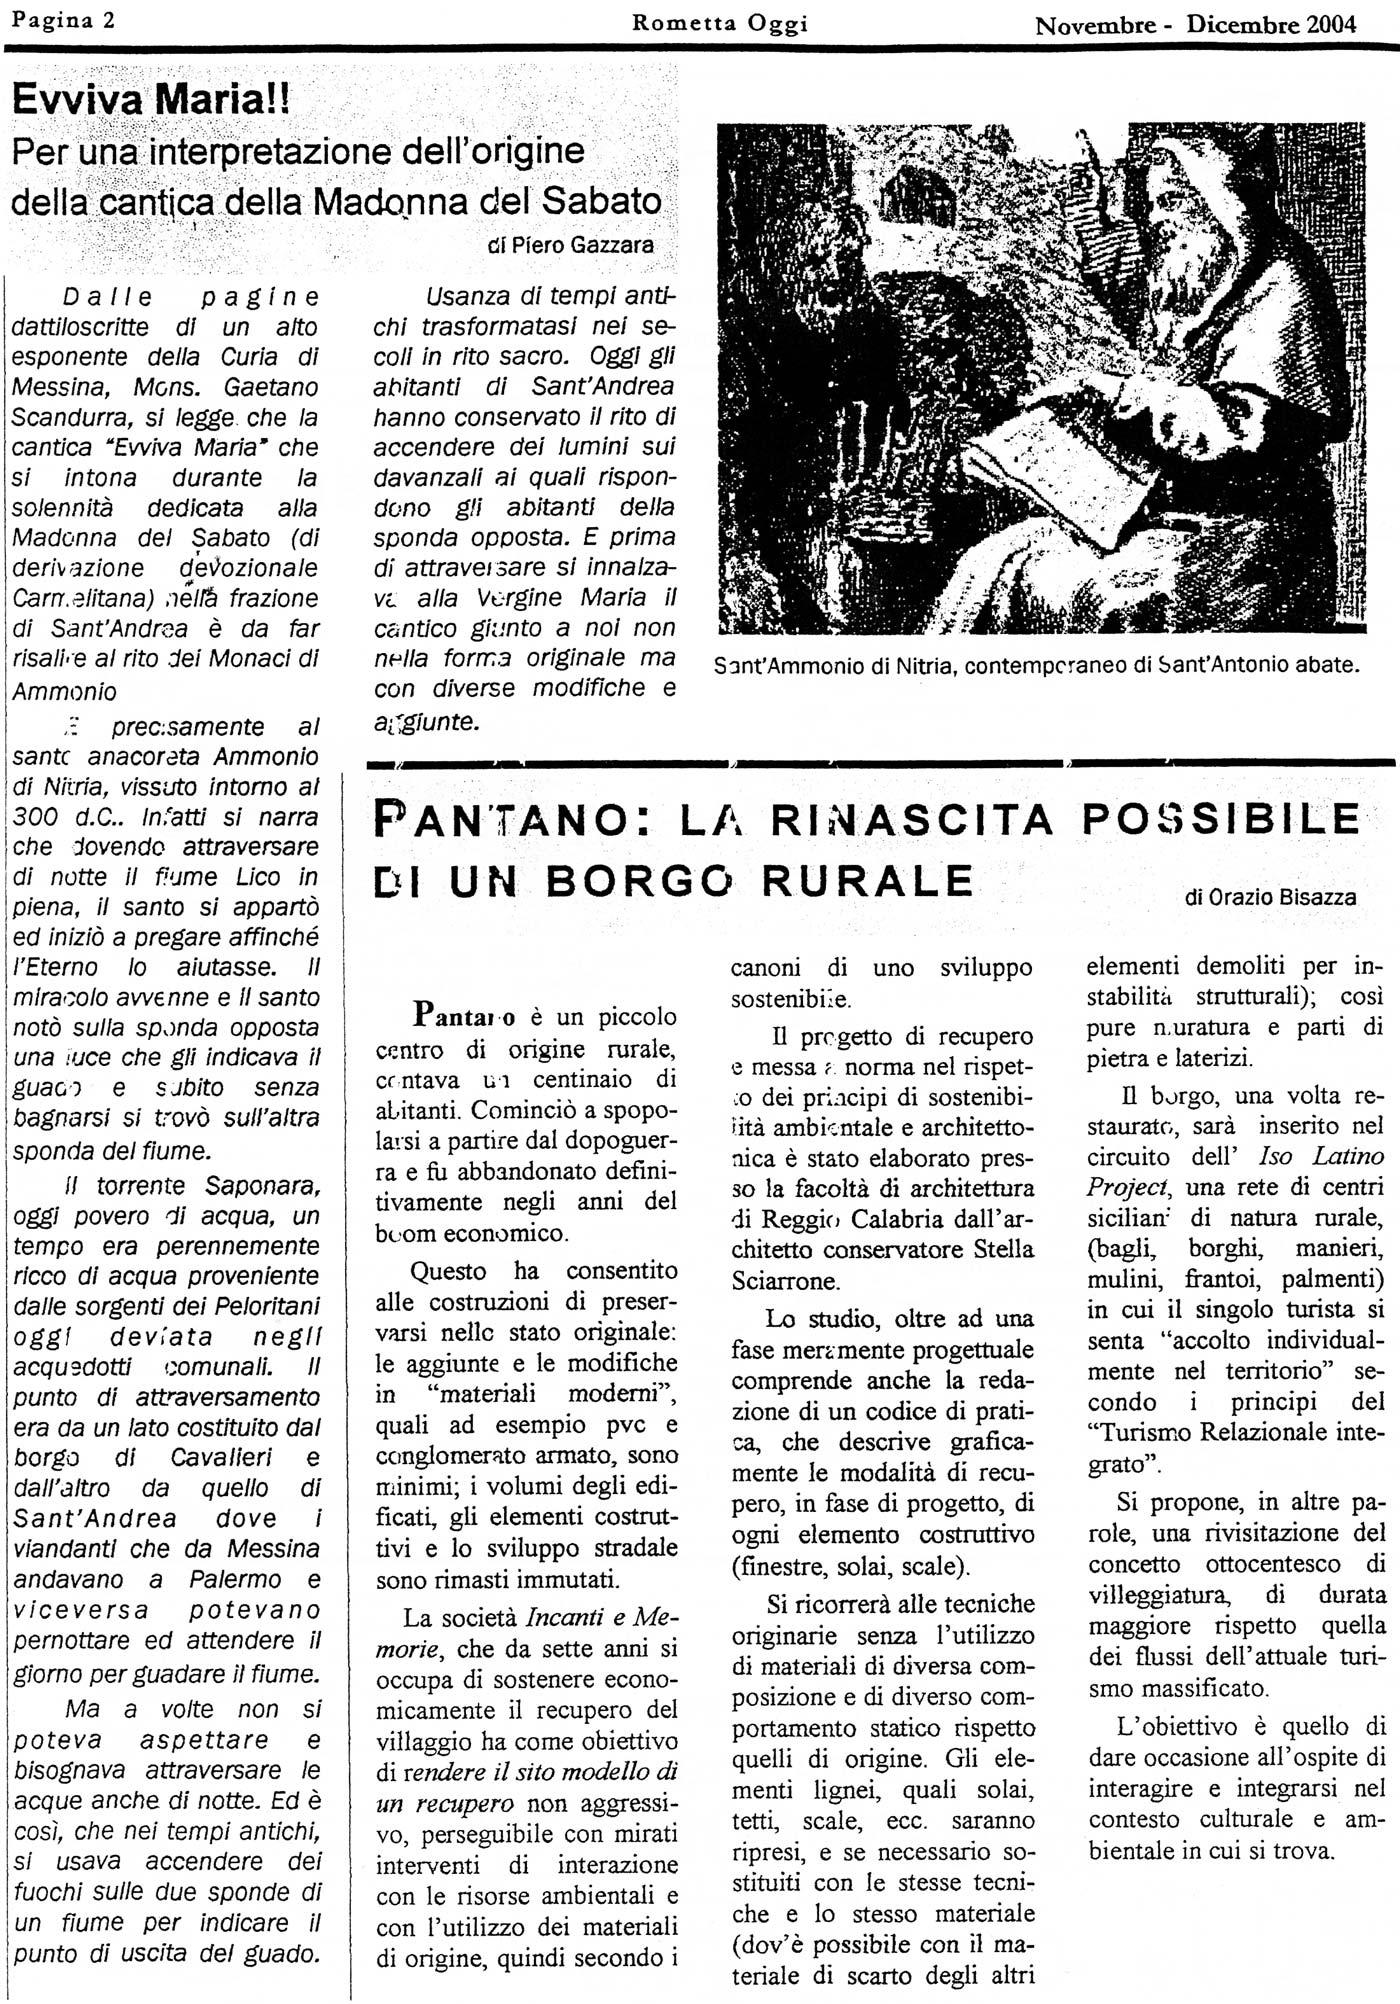 romettaoggi_dicembre2004